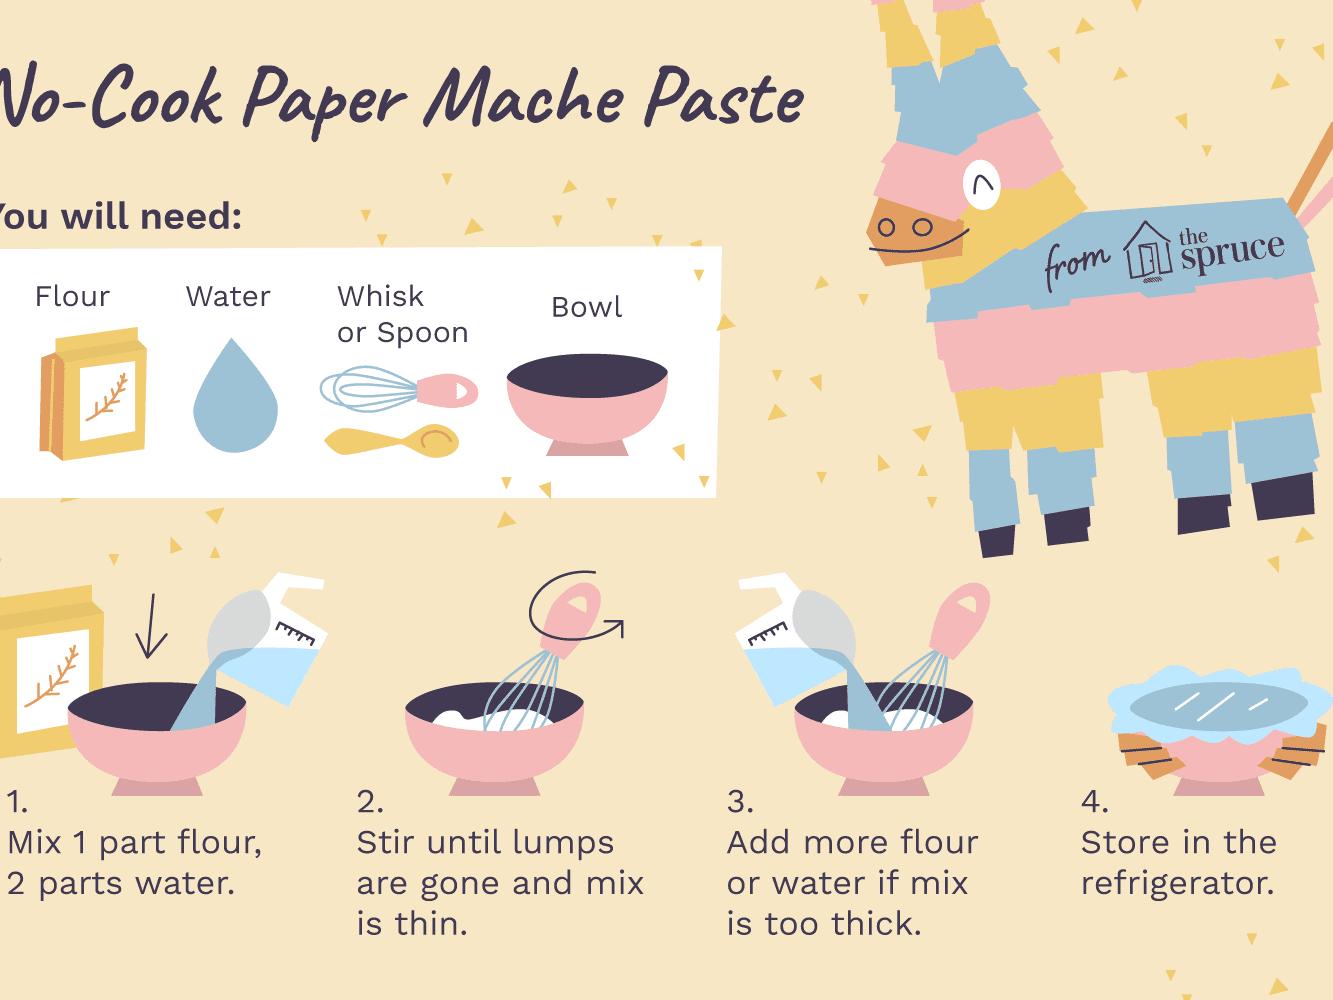 A Recipe For No Cook Paper Mache Paste